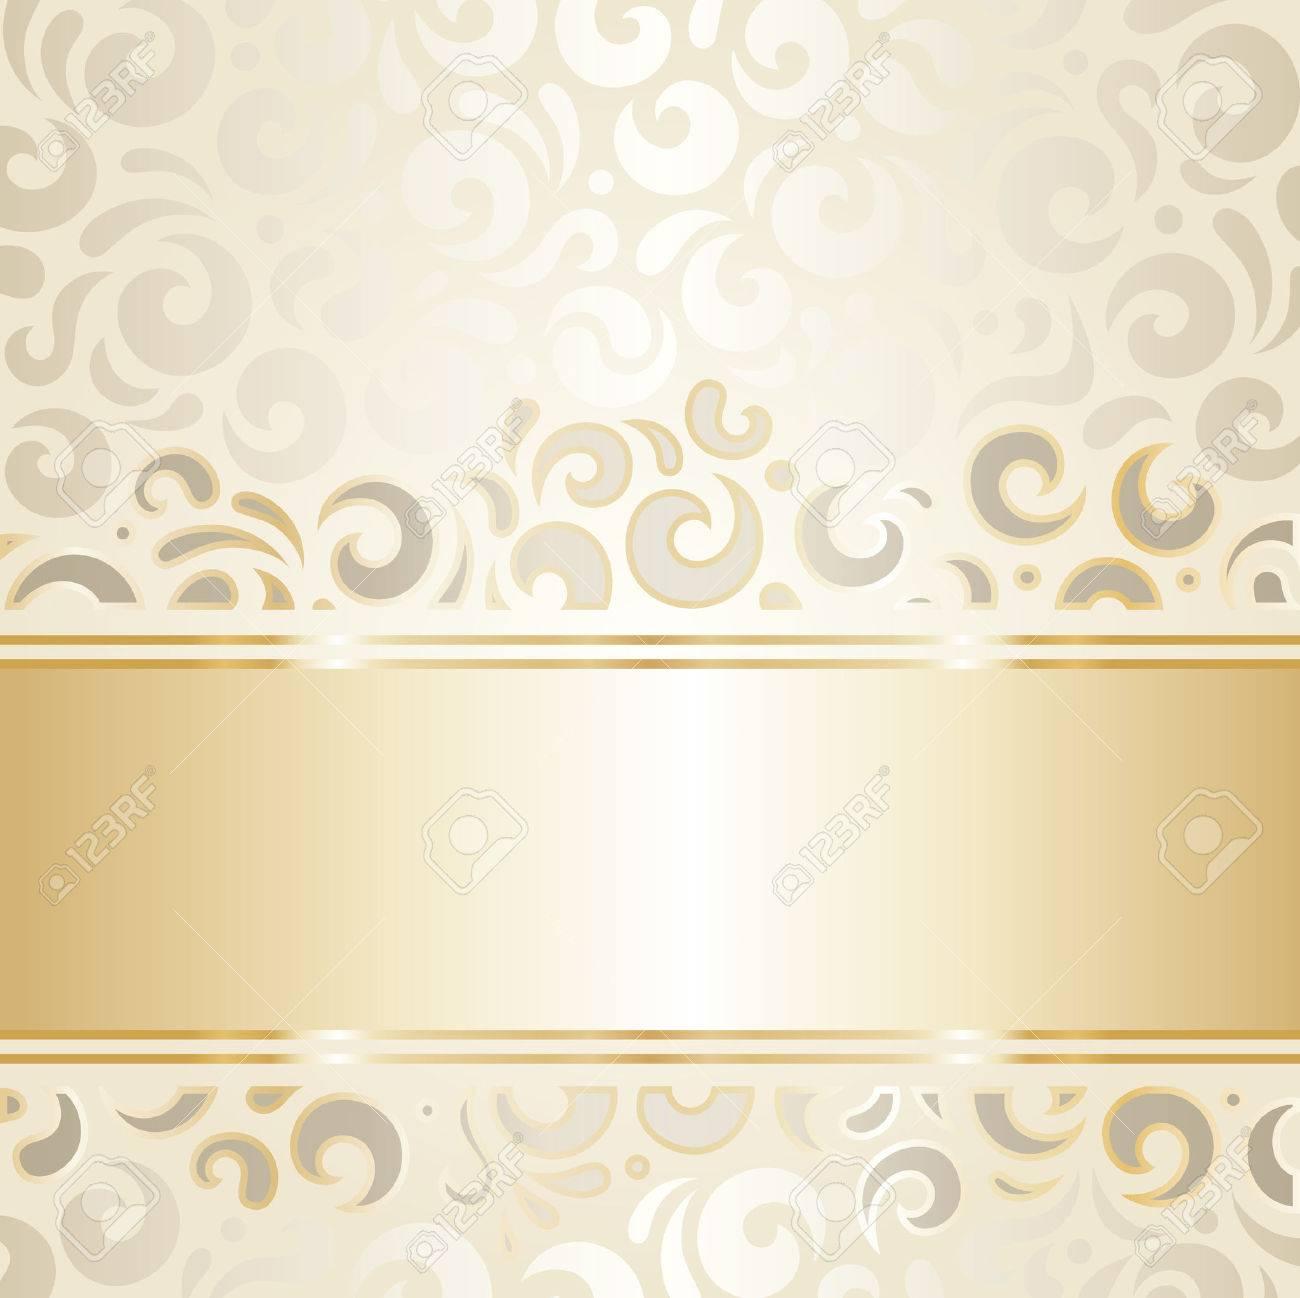 レトロなウェディング背景の壁紙デザイン ベージュ ゴールドのイラスト